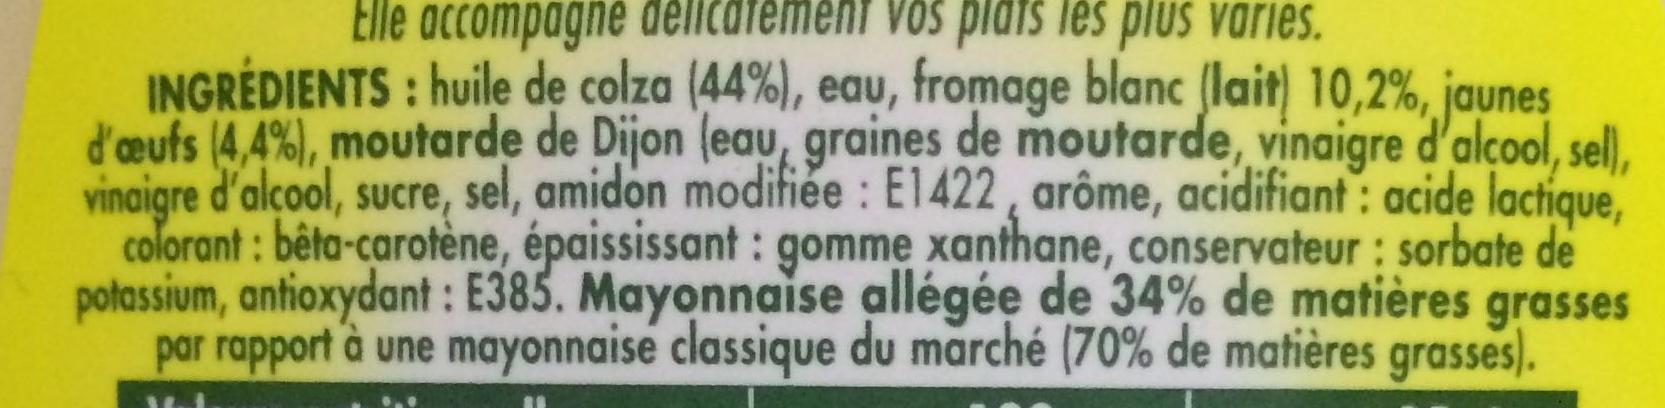 Mayonnaise légère La Veloutée - Ingredienti - fr